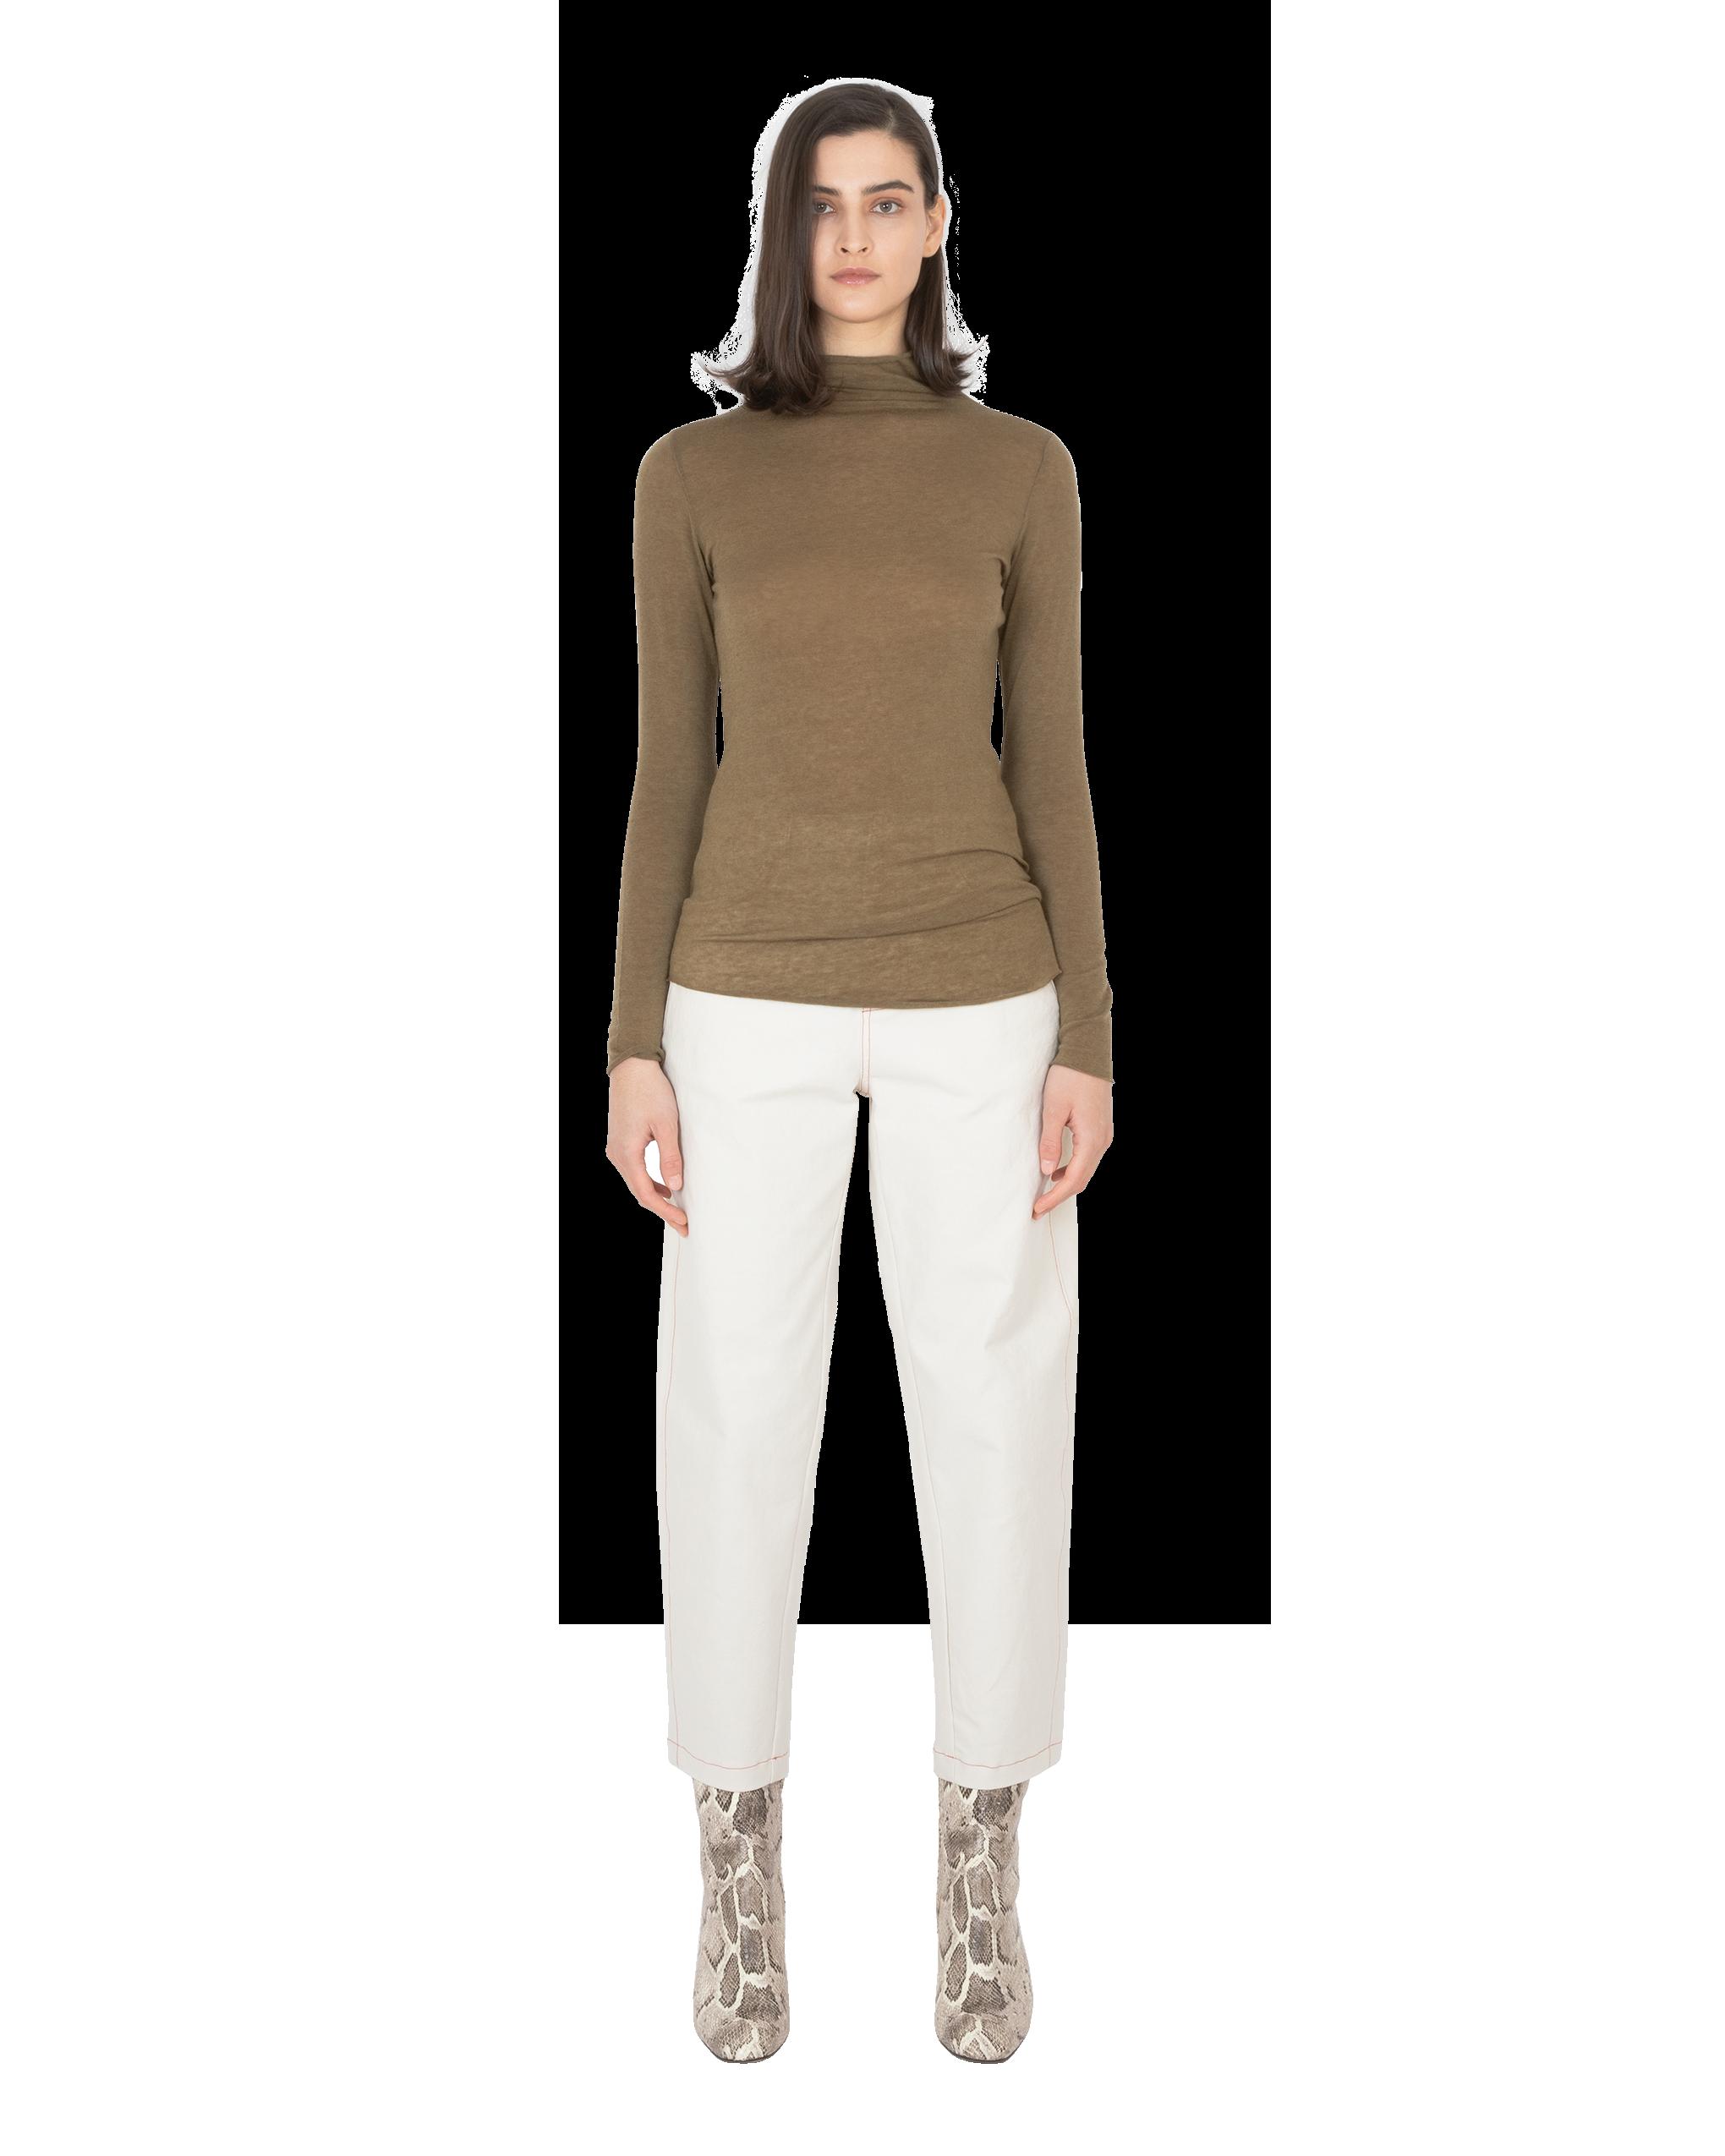 Model wearing EMIN + PAUL khaki second skin wool blouse.